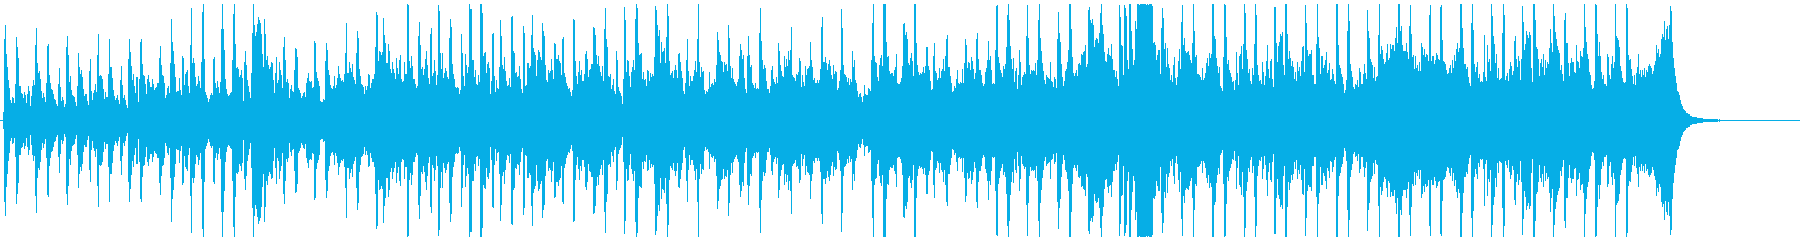 オープニングに最適なわくわくオーケストラの再生済みの波形